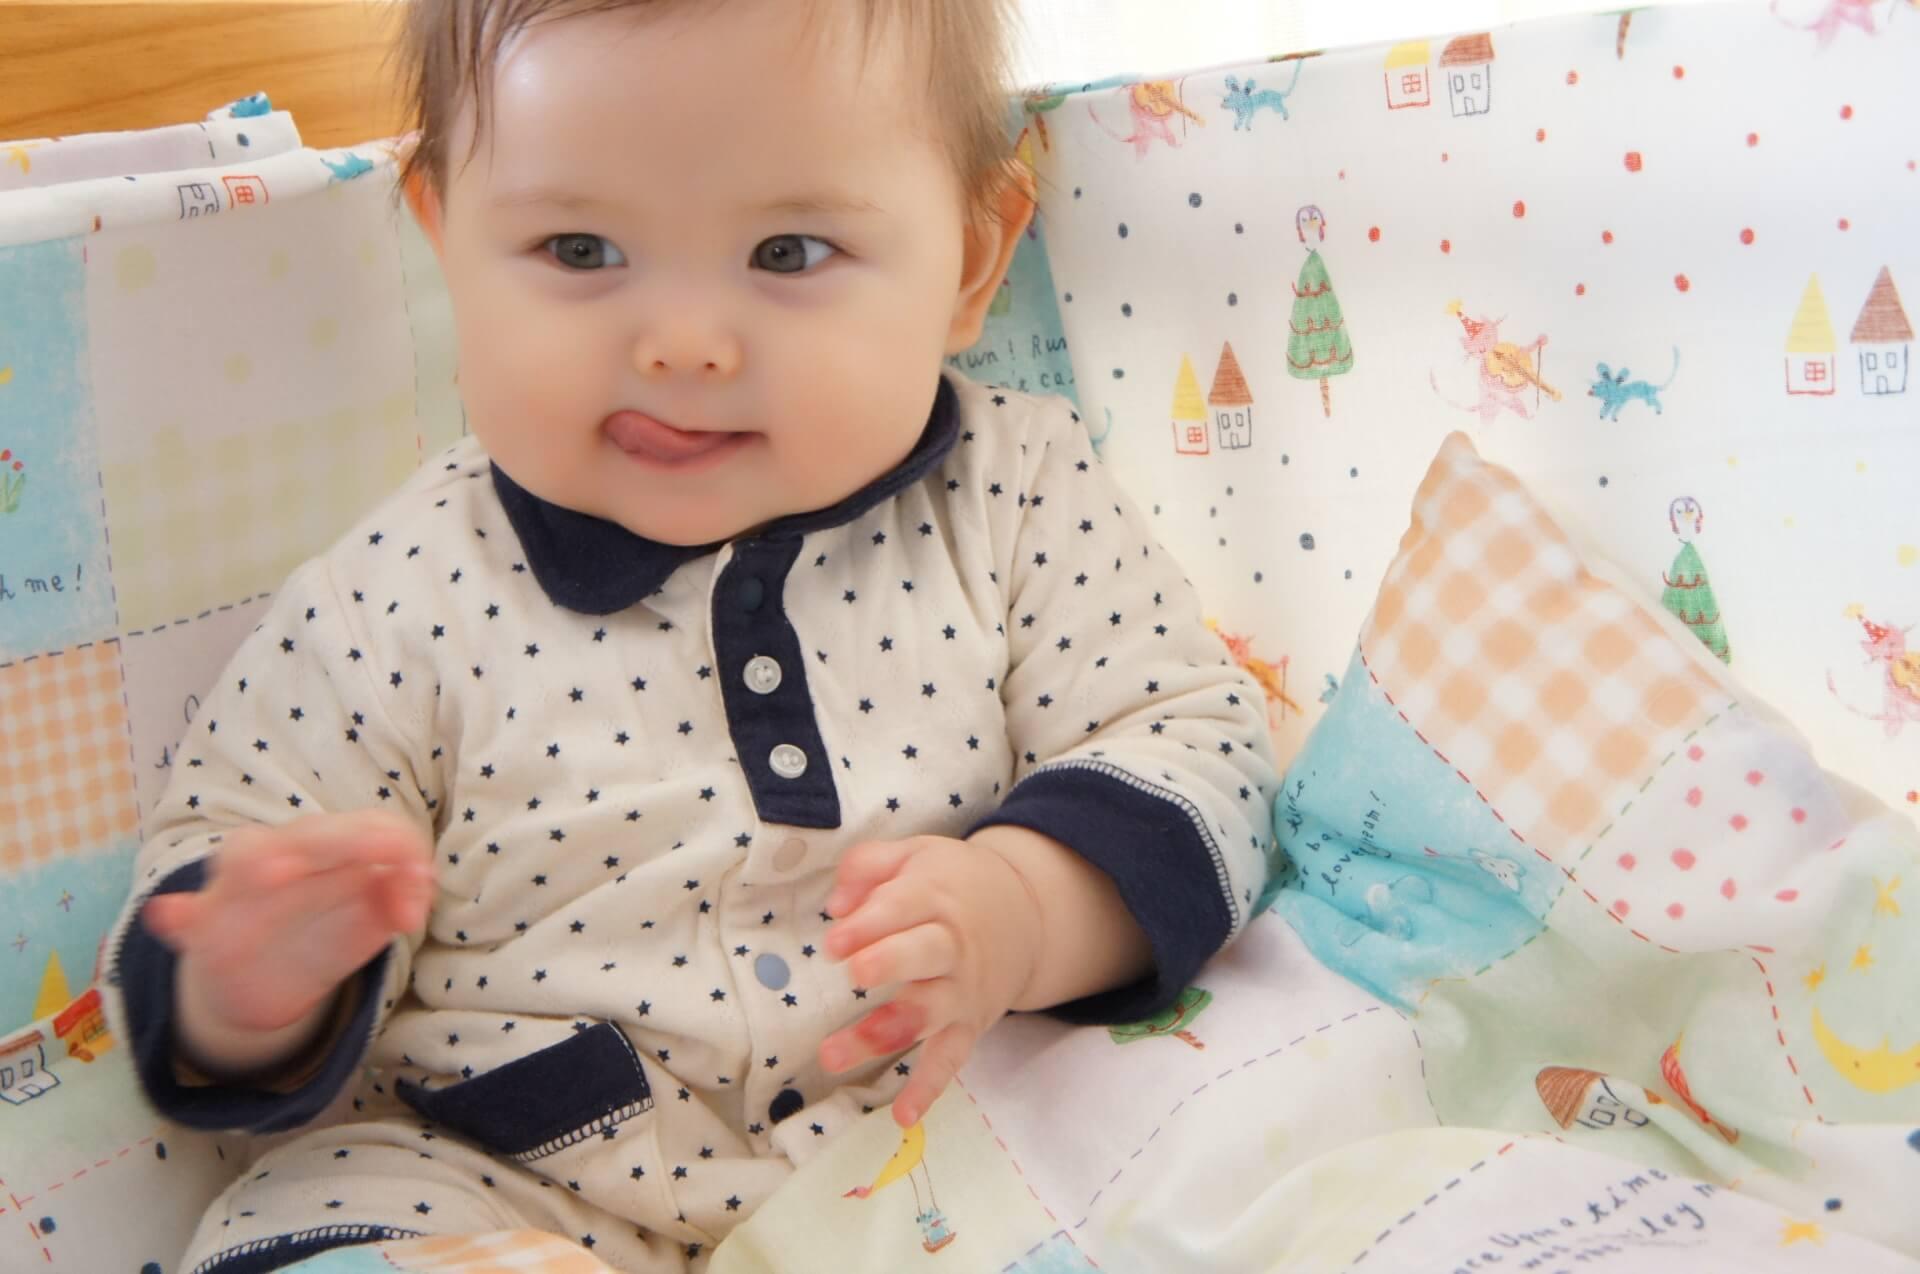 【子育て】赤ちゃんのお出かけに準備すべき必需品3個とは